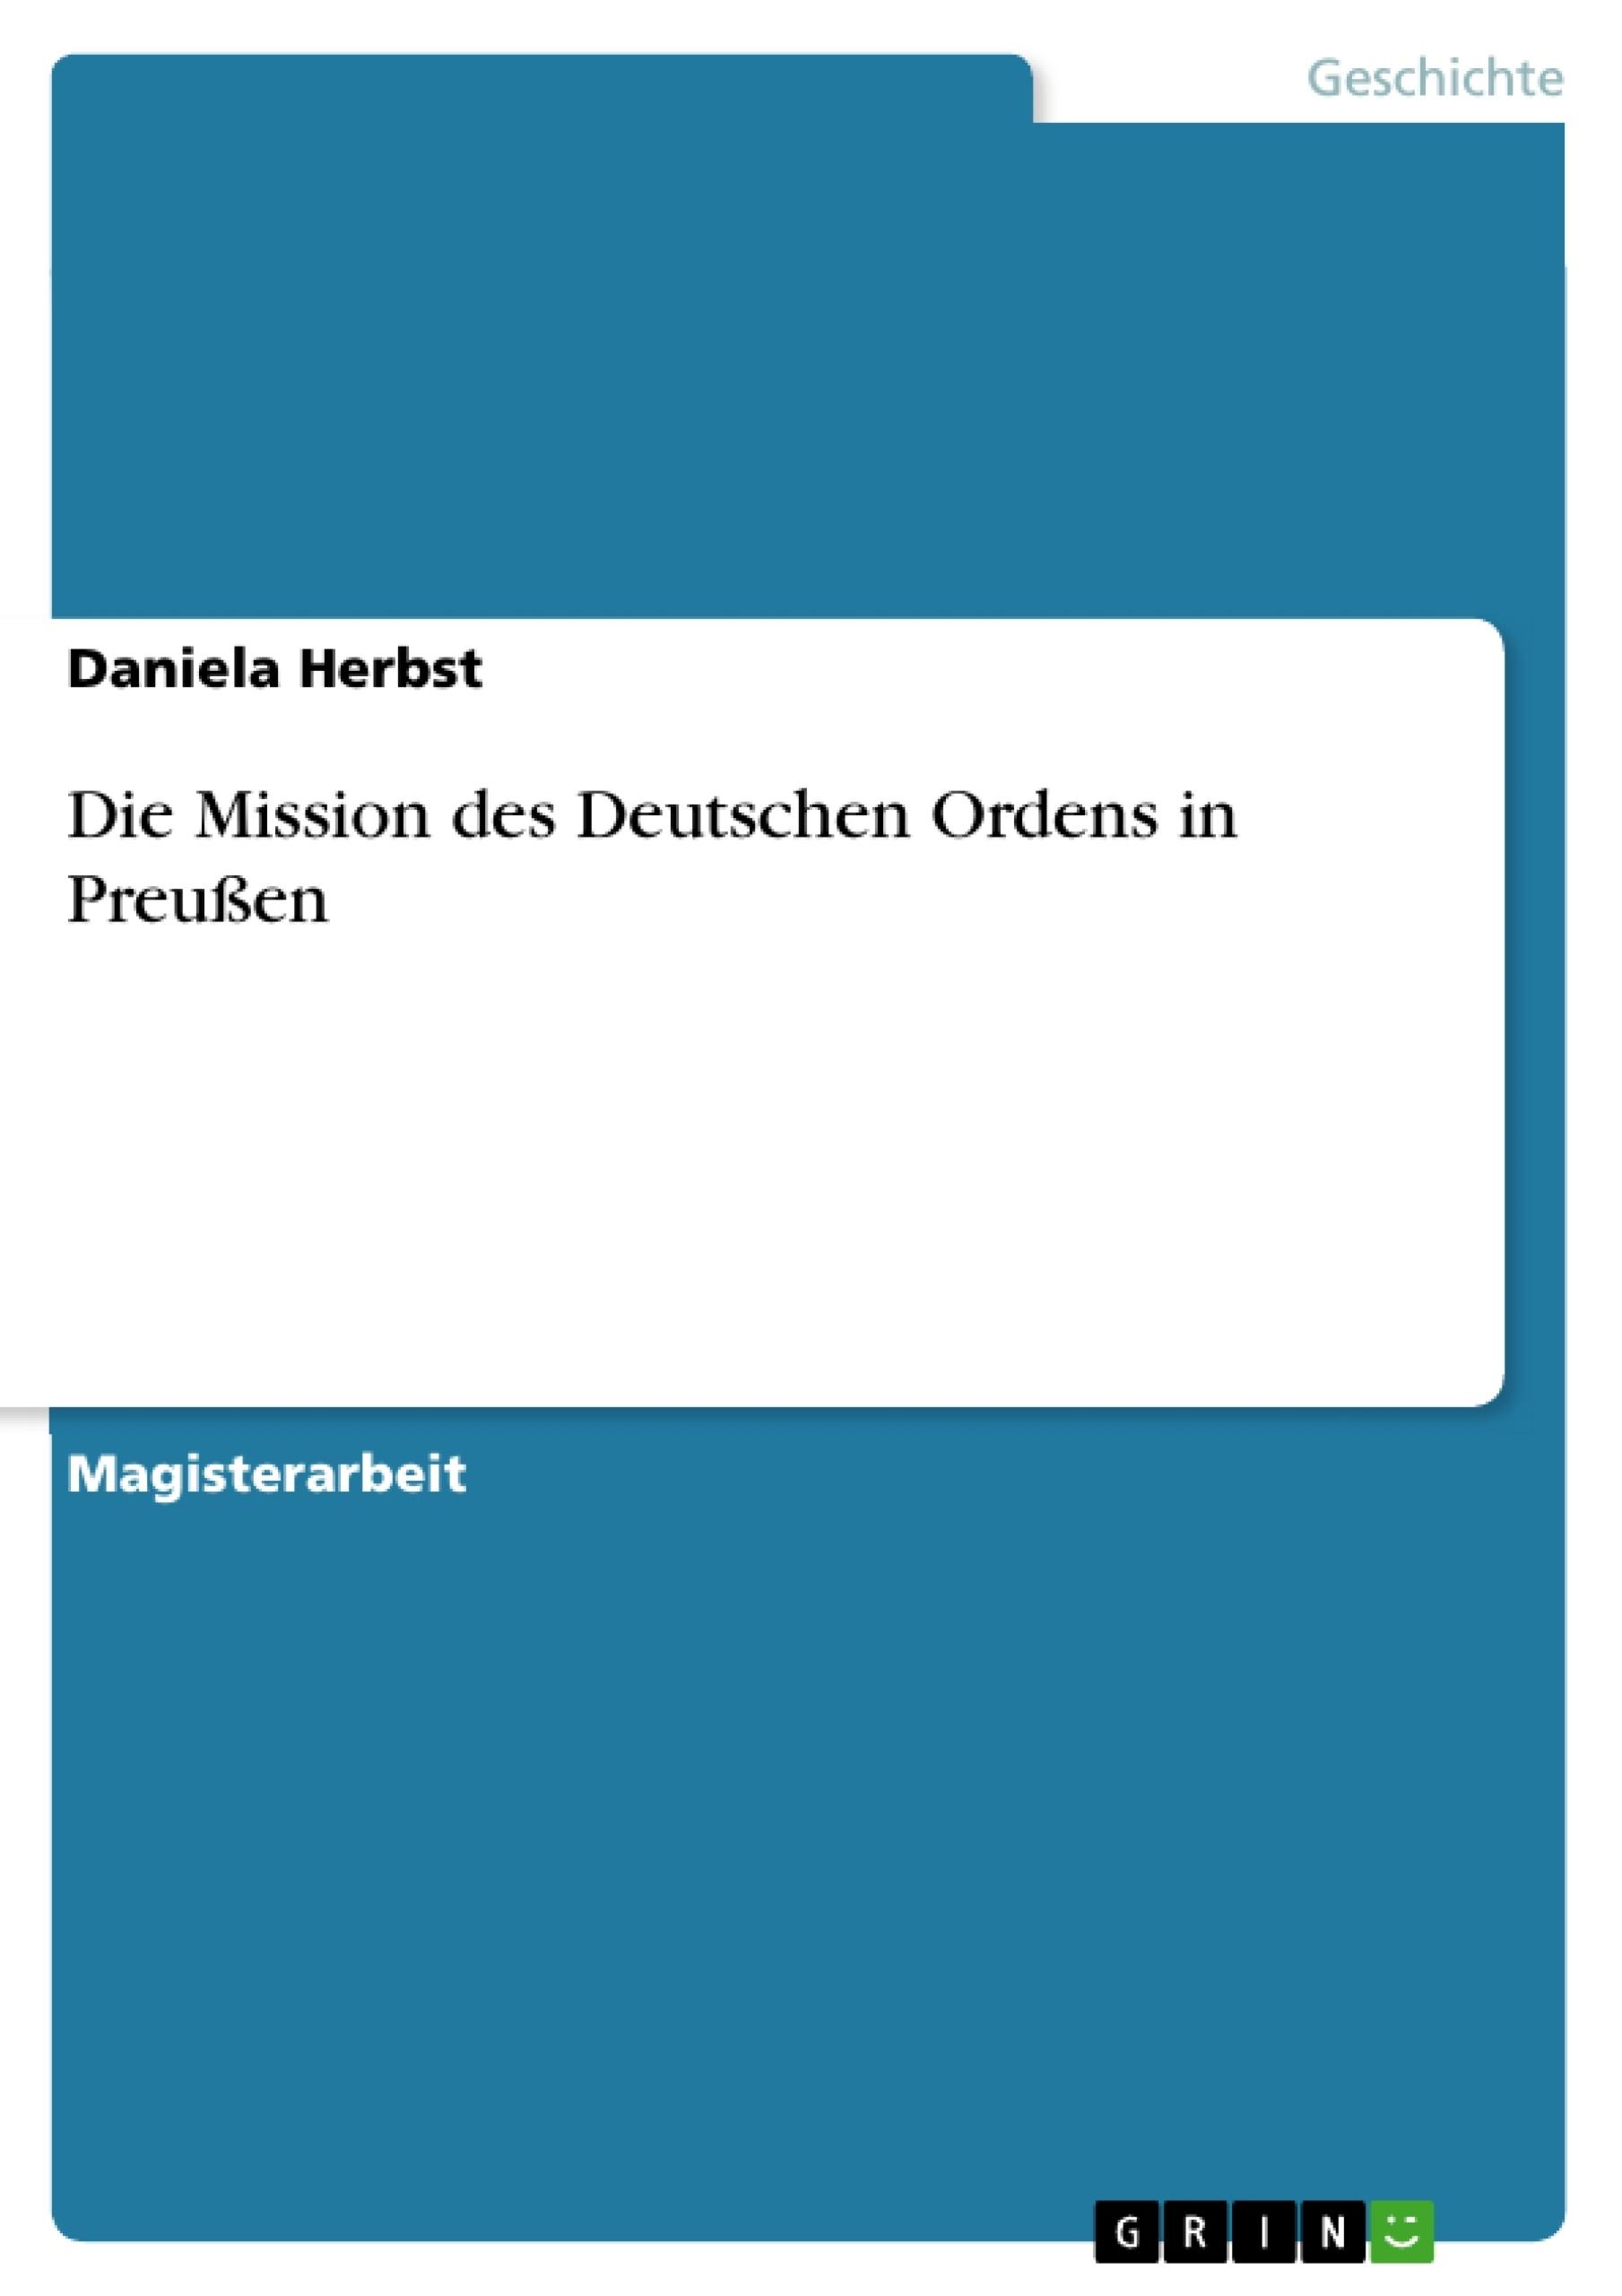 Titel: Die Mission des Deutschen Ordens in Preußen